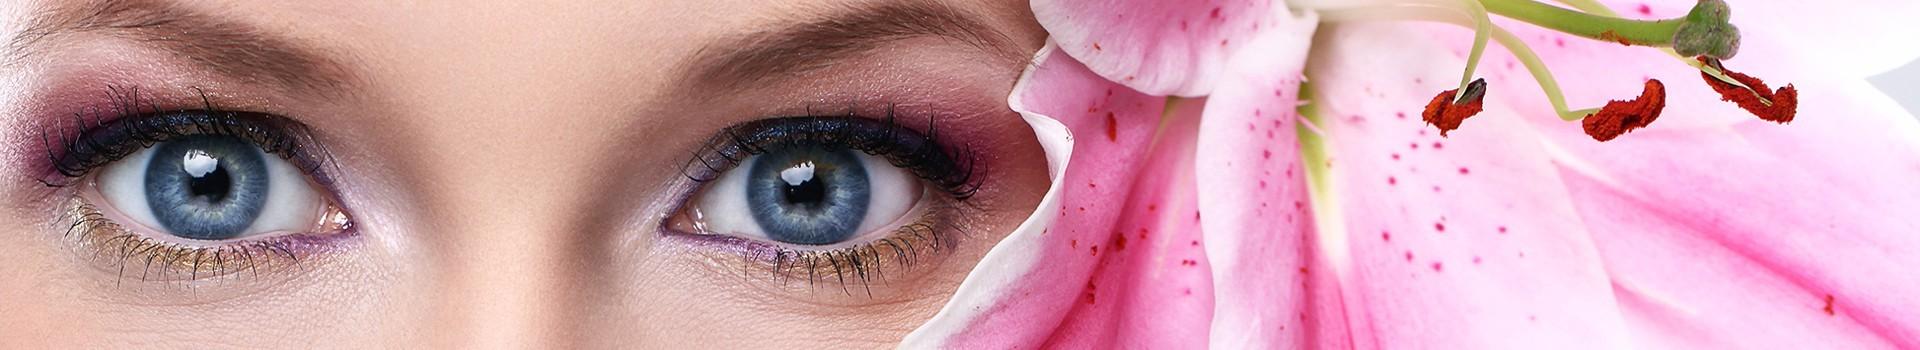 Συστατικά Ματιών